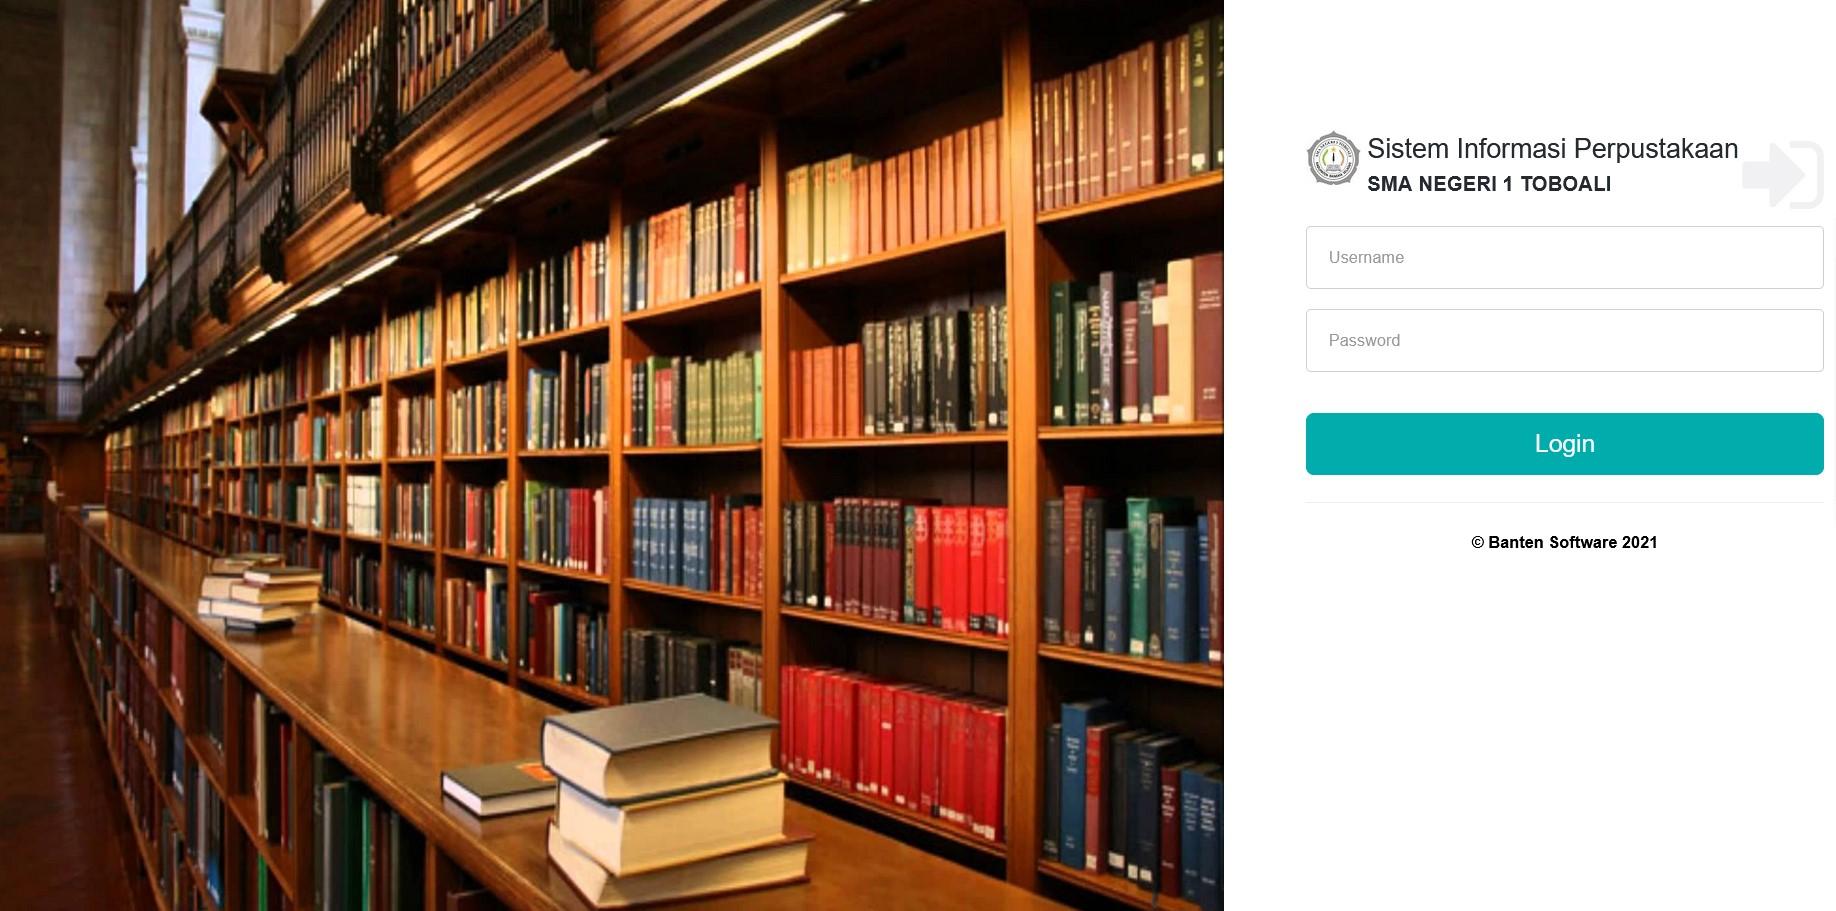 Aplikasi Perpustakaan Digital